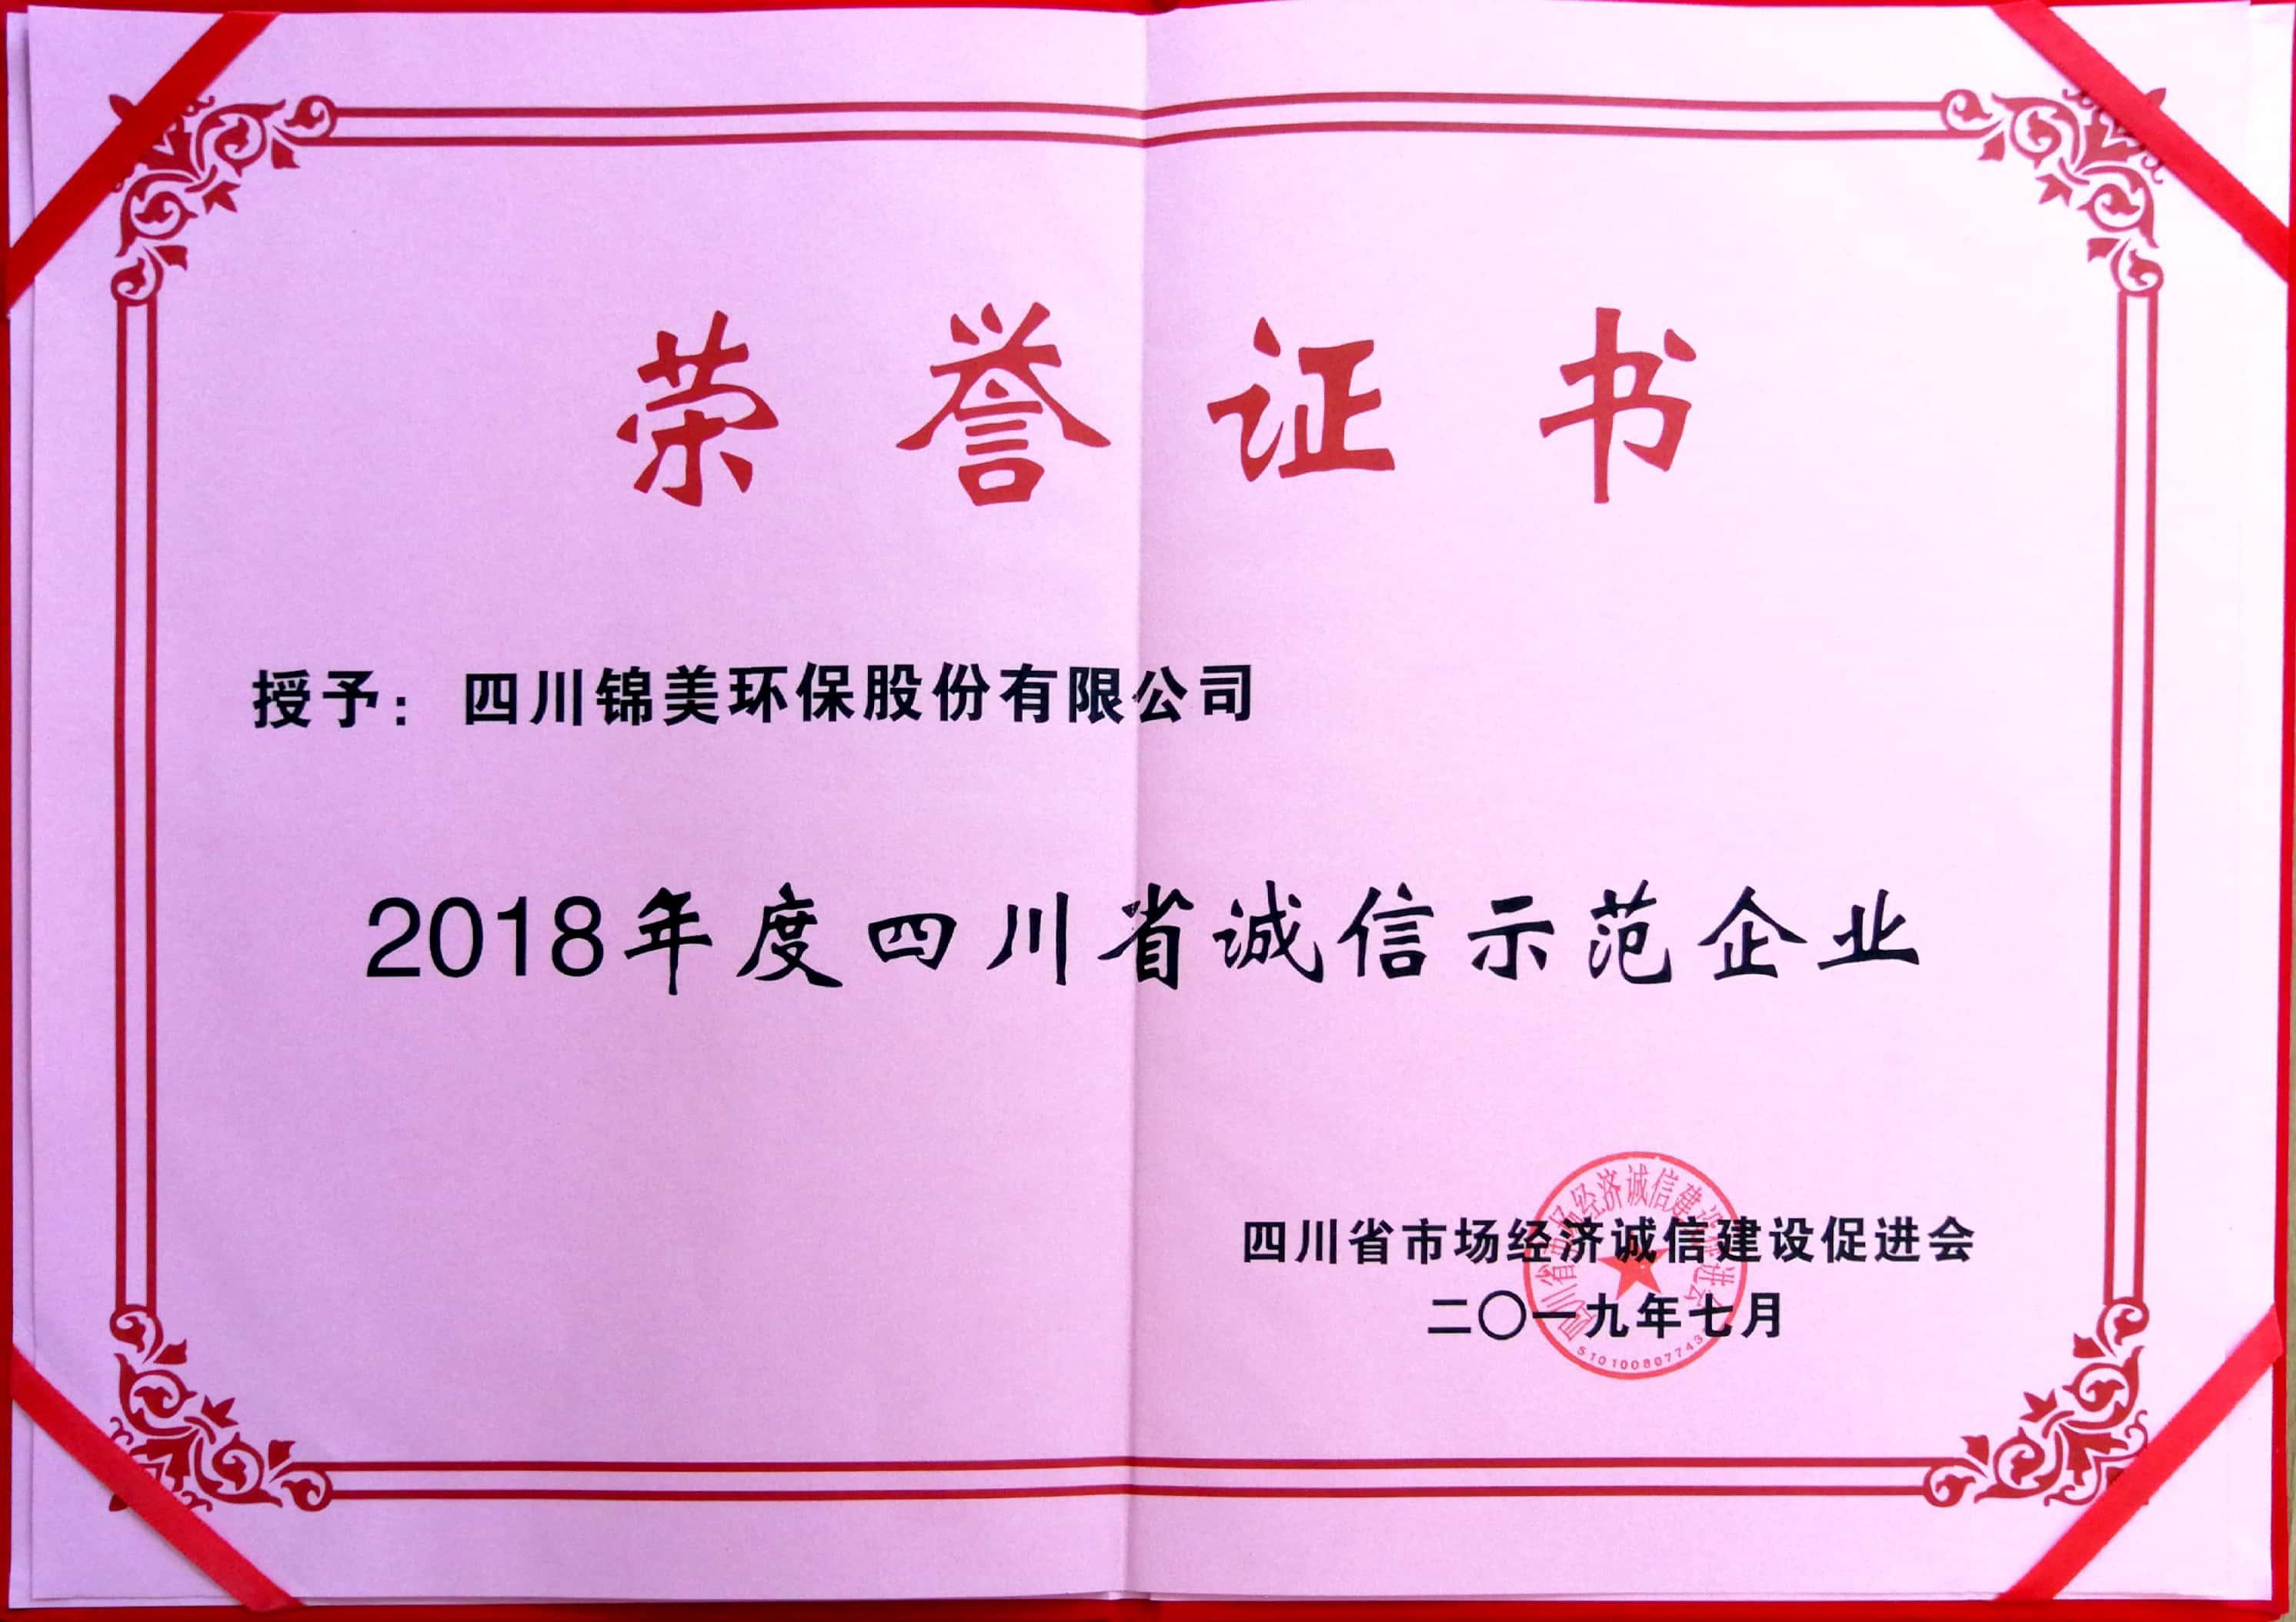 龙8国际官网首页诚信企业.jpg